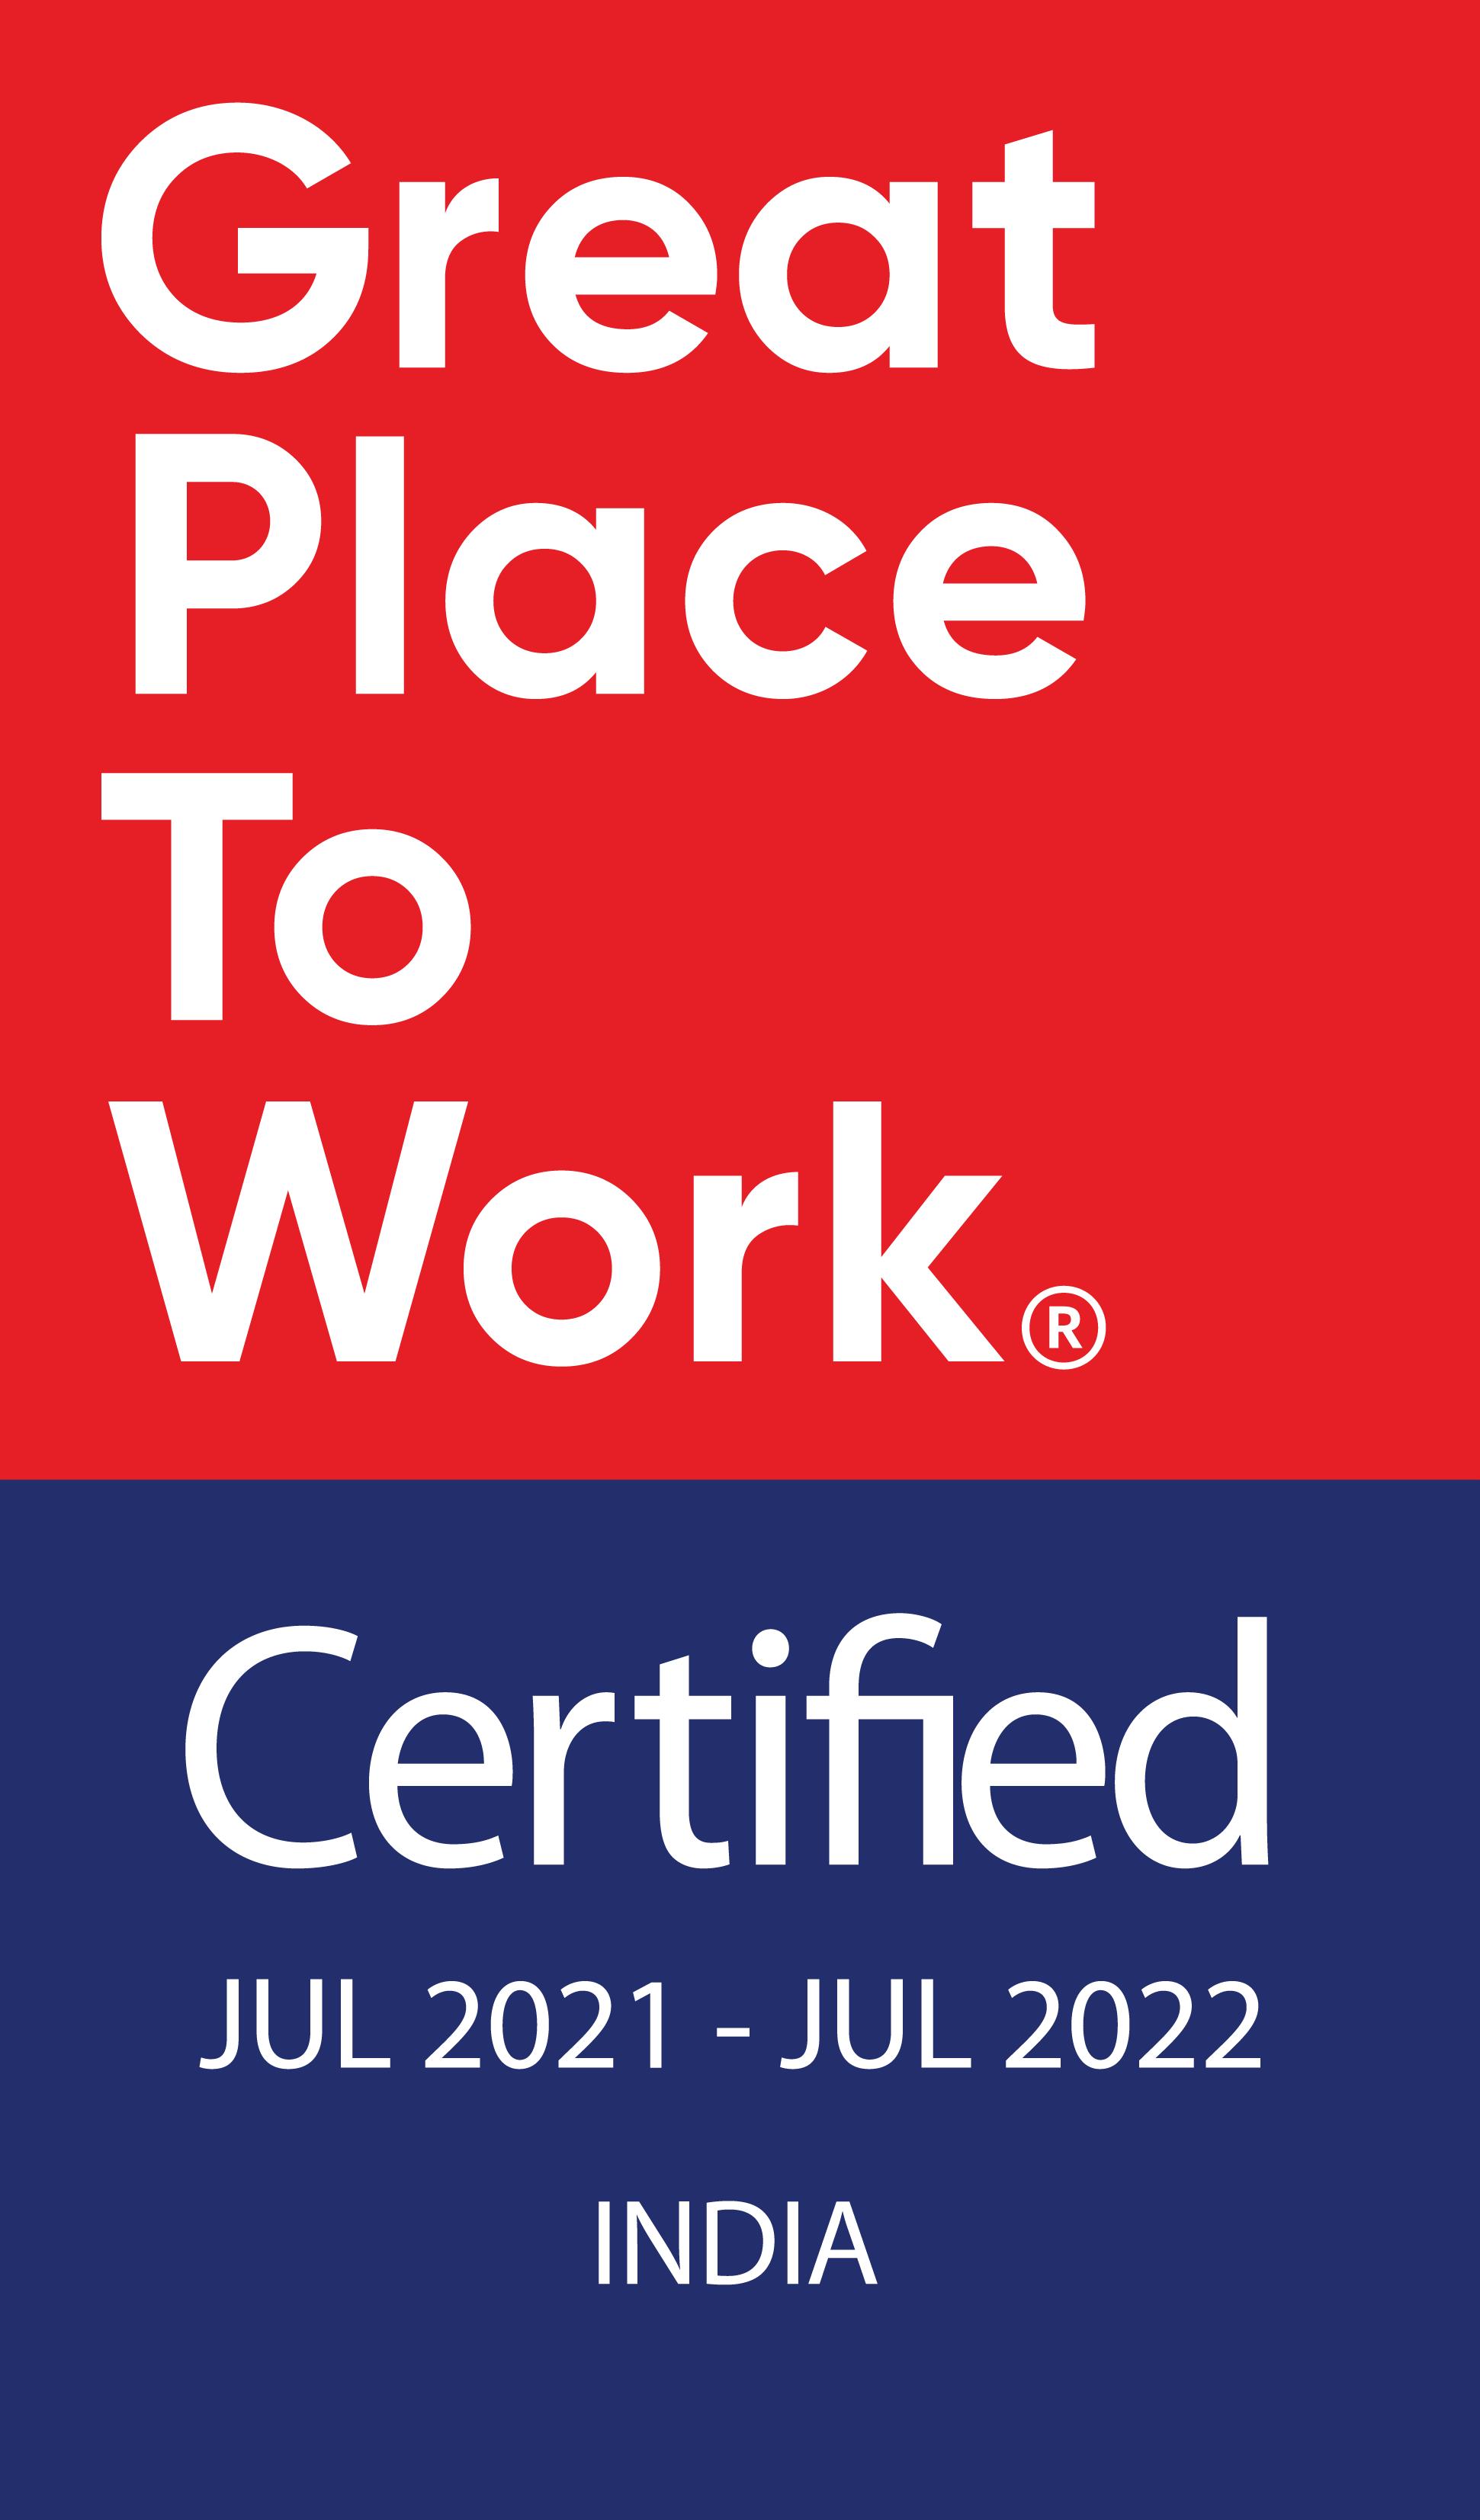 GPTW India Jul21-Jul22 Logo